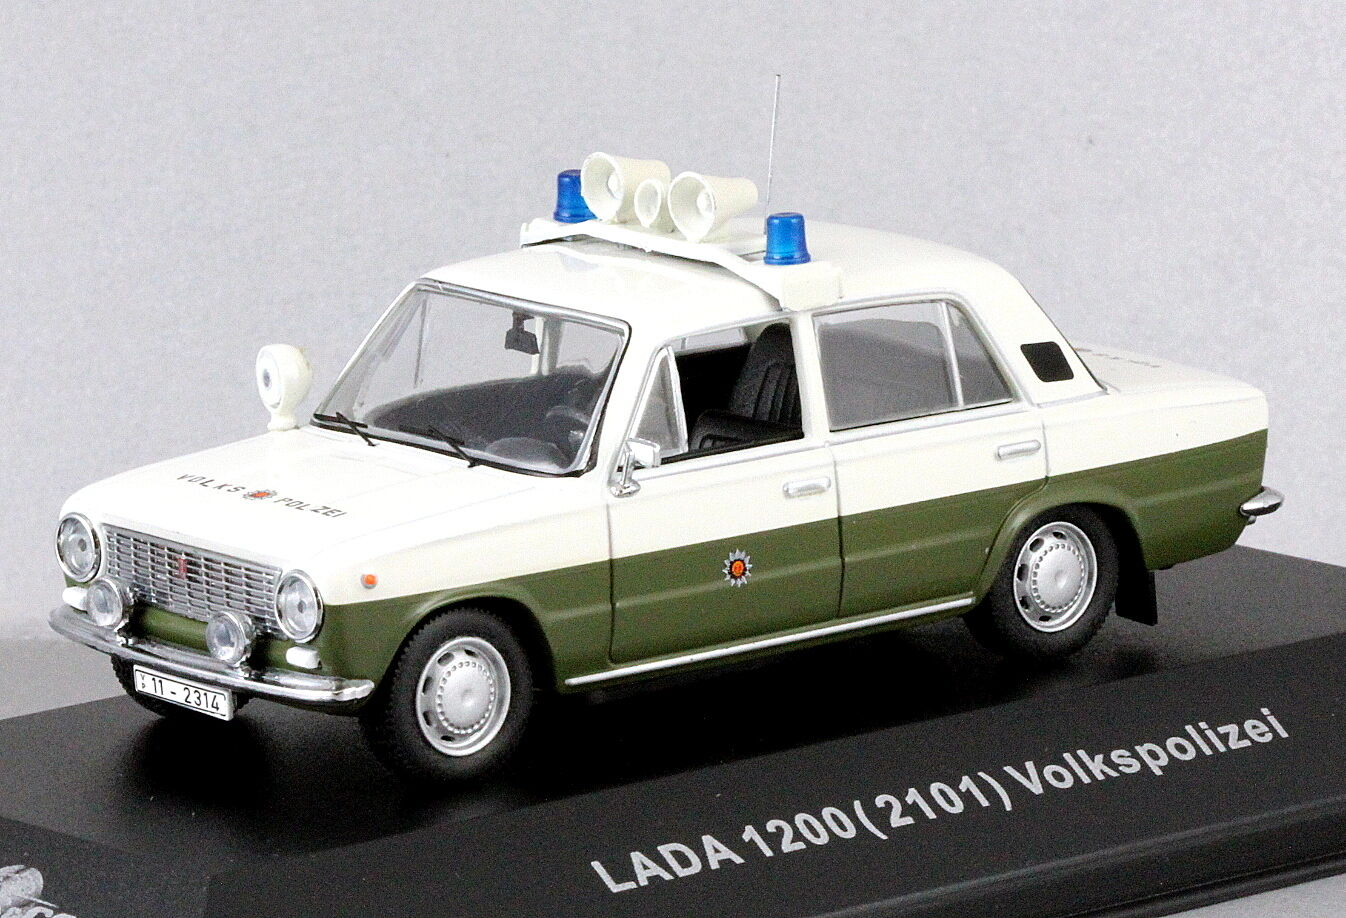 1 43 coches escala & Co CCC056 Alemania Oriental Oriental Oriental Vaz Lada Volkspolizei 1200 2101 Nuevo En Caja aa00c4